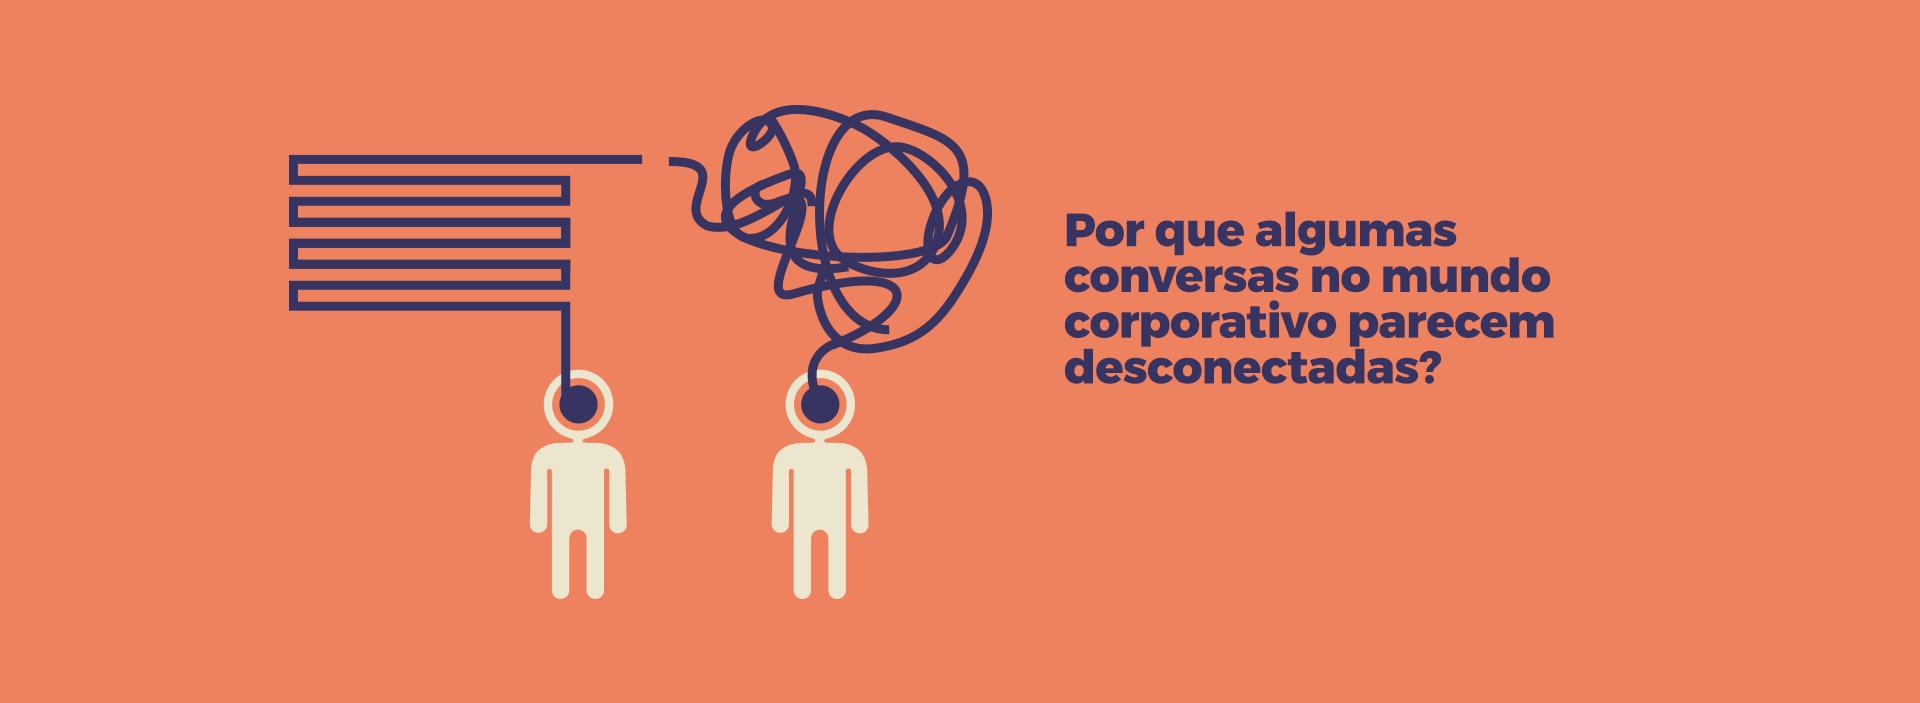 Por que algumas conversas no mundo corporativo parecem desconectadas?